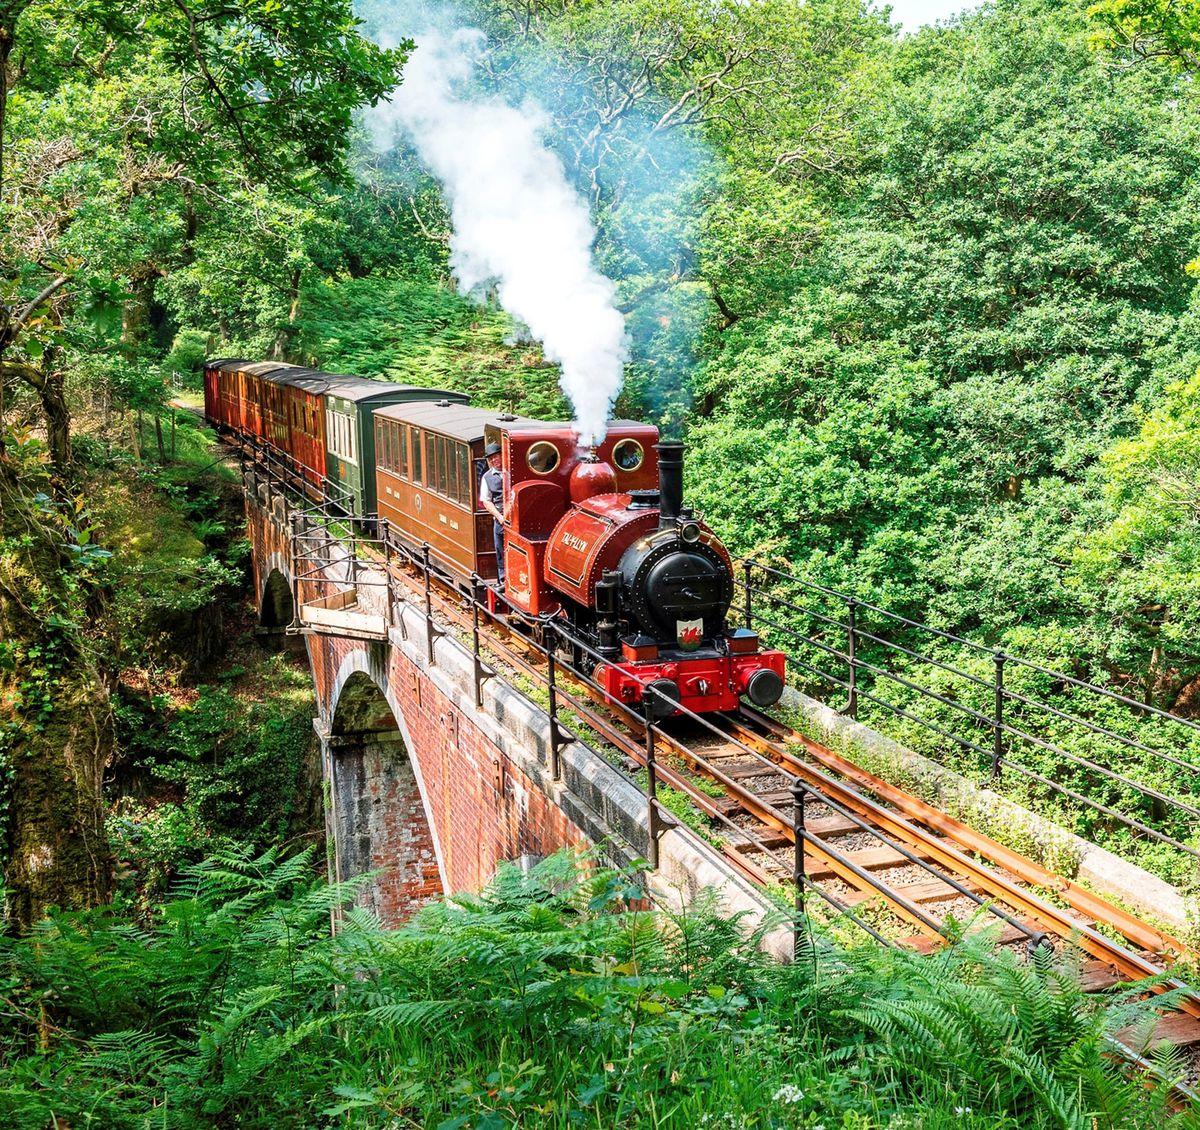 The Talyllyn Railway photo: Darren Turner